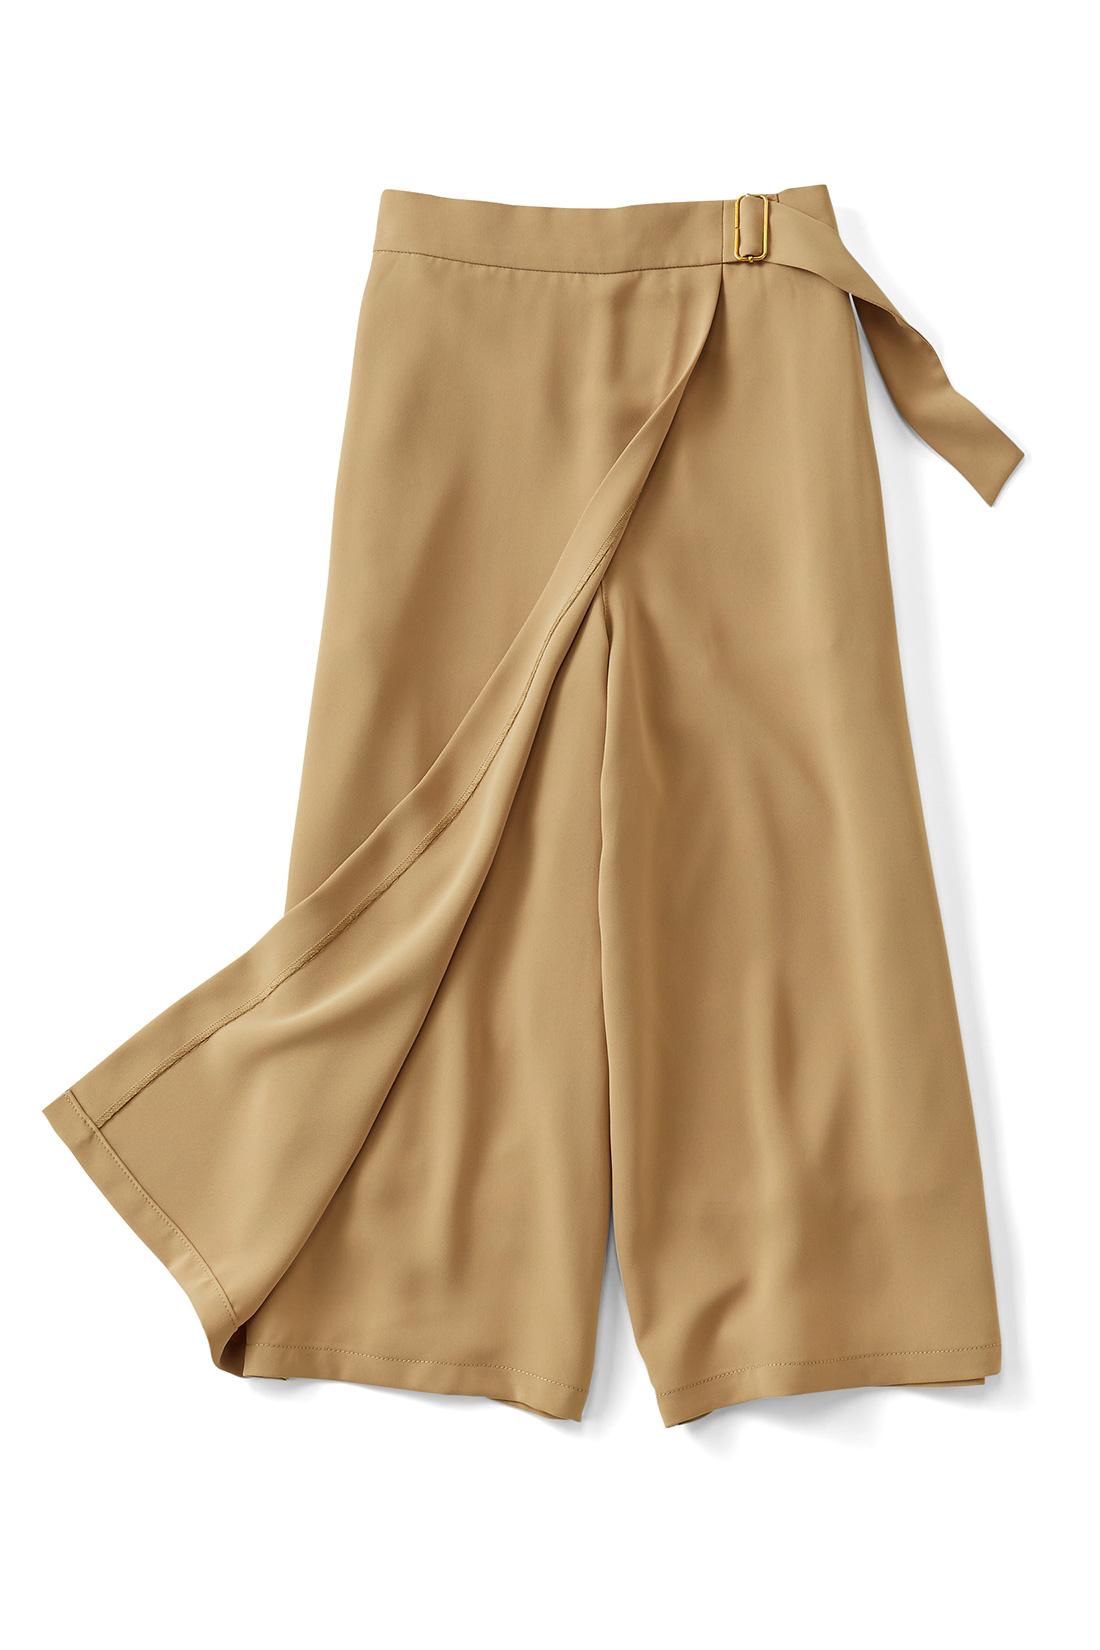 ラップスカート風デザイン。 スカートに見えて実はパンツなので、アクティブに動けてらくちん。